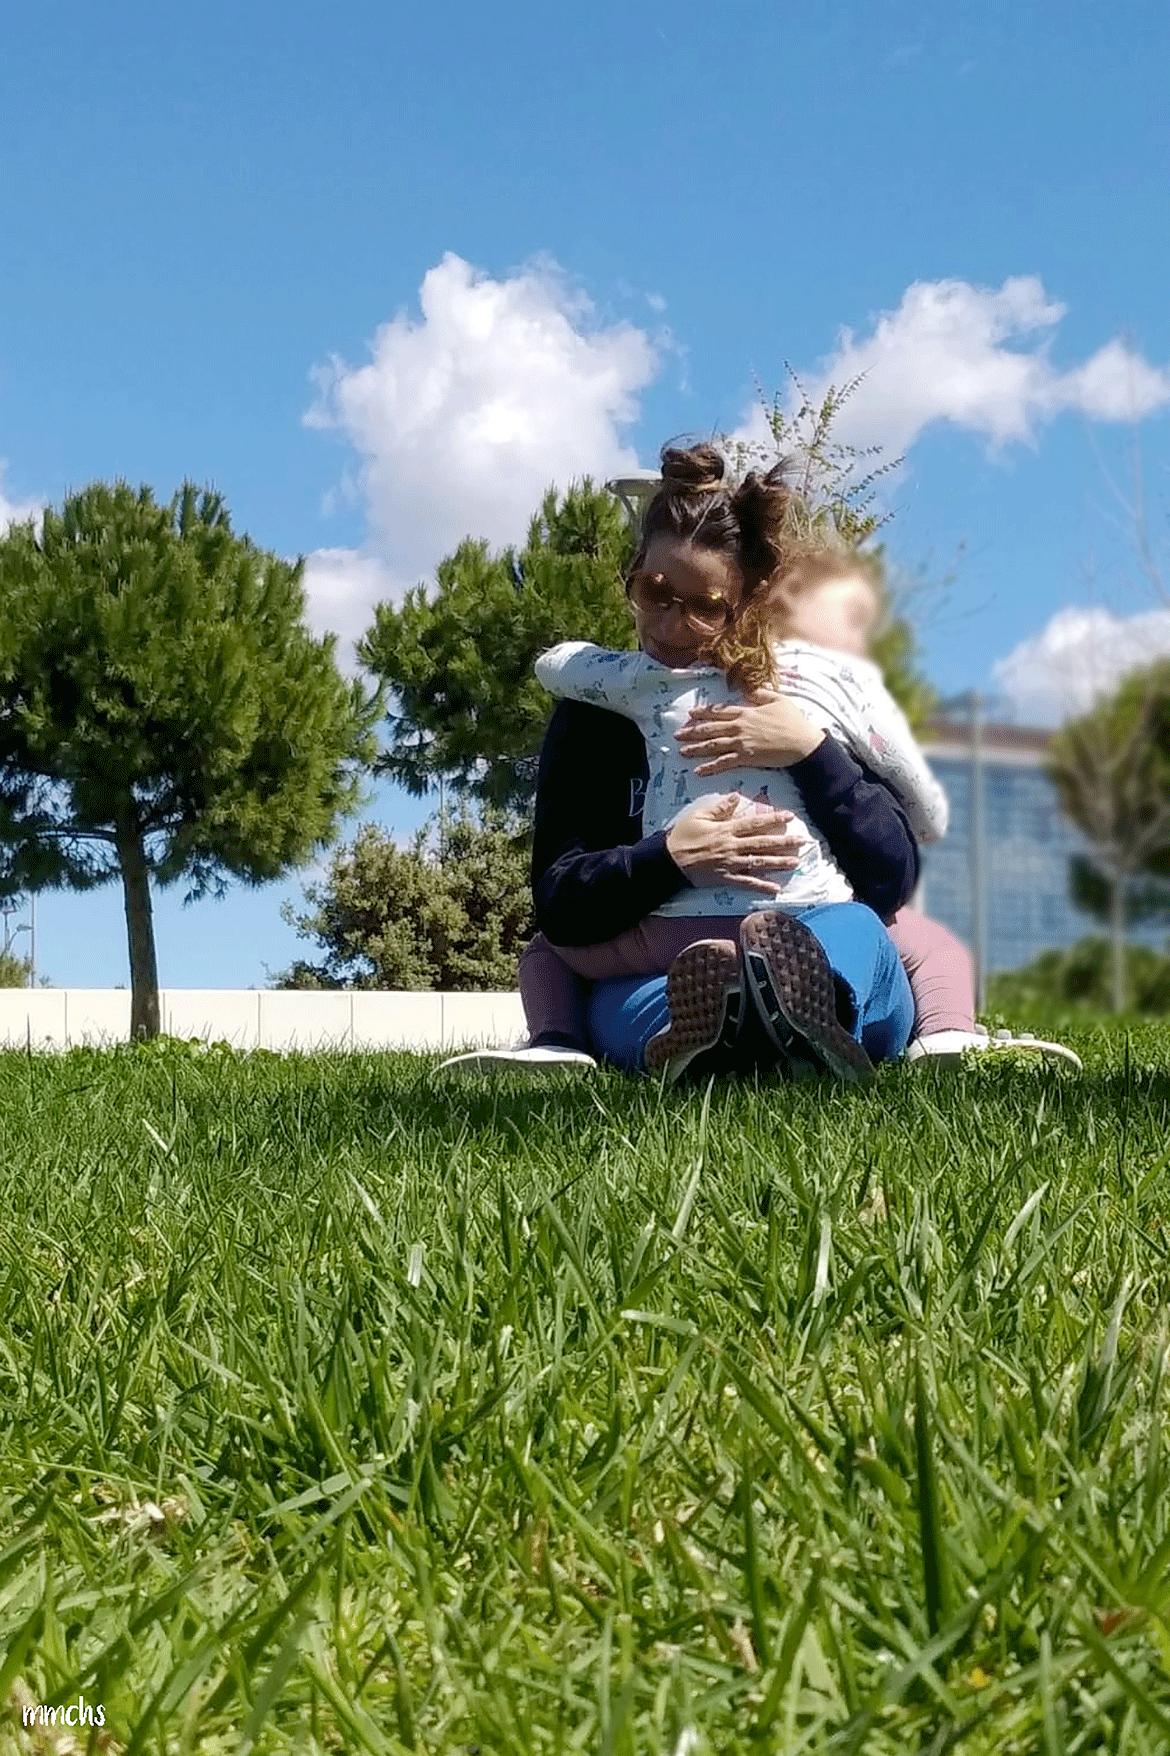 madre e hija abrazadas en el césped